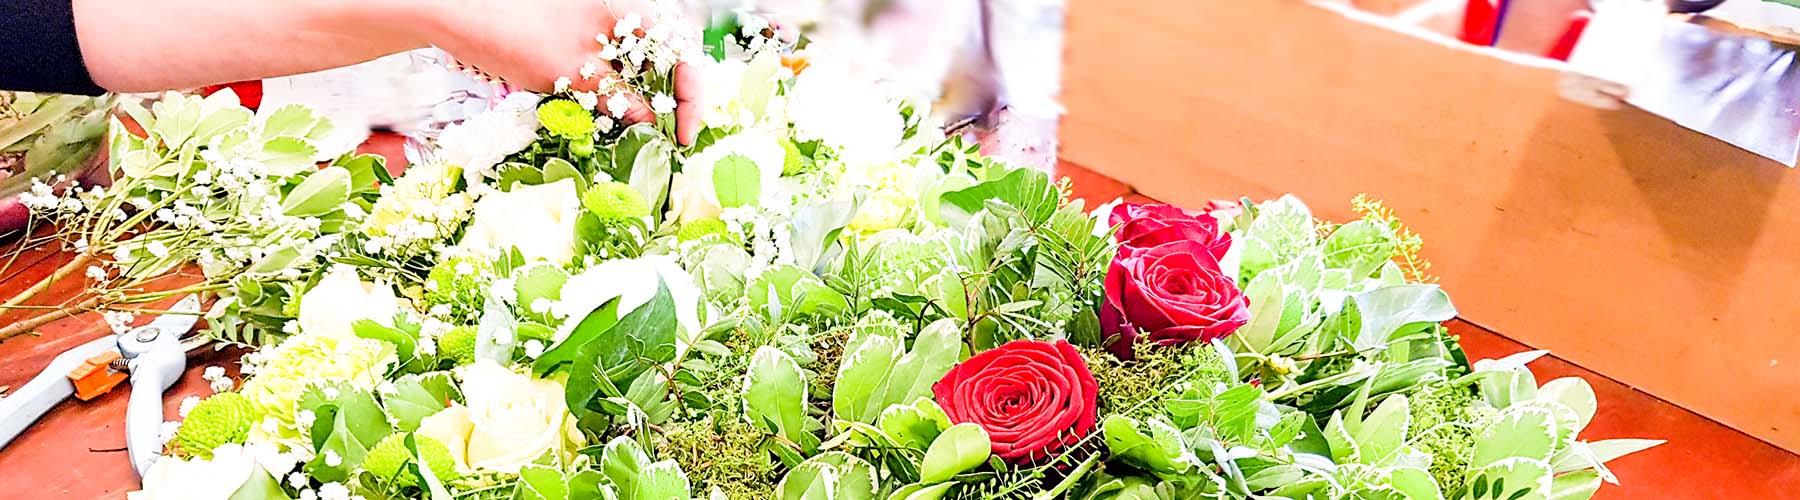 Service Blumen Bepflanzung